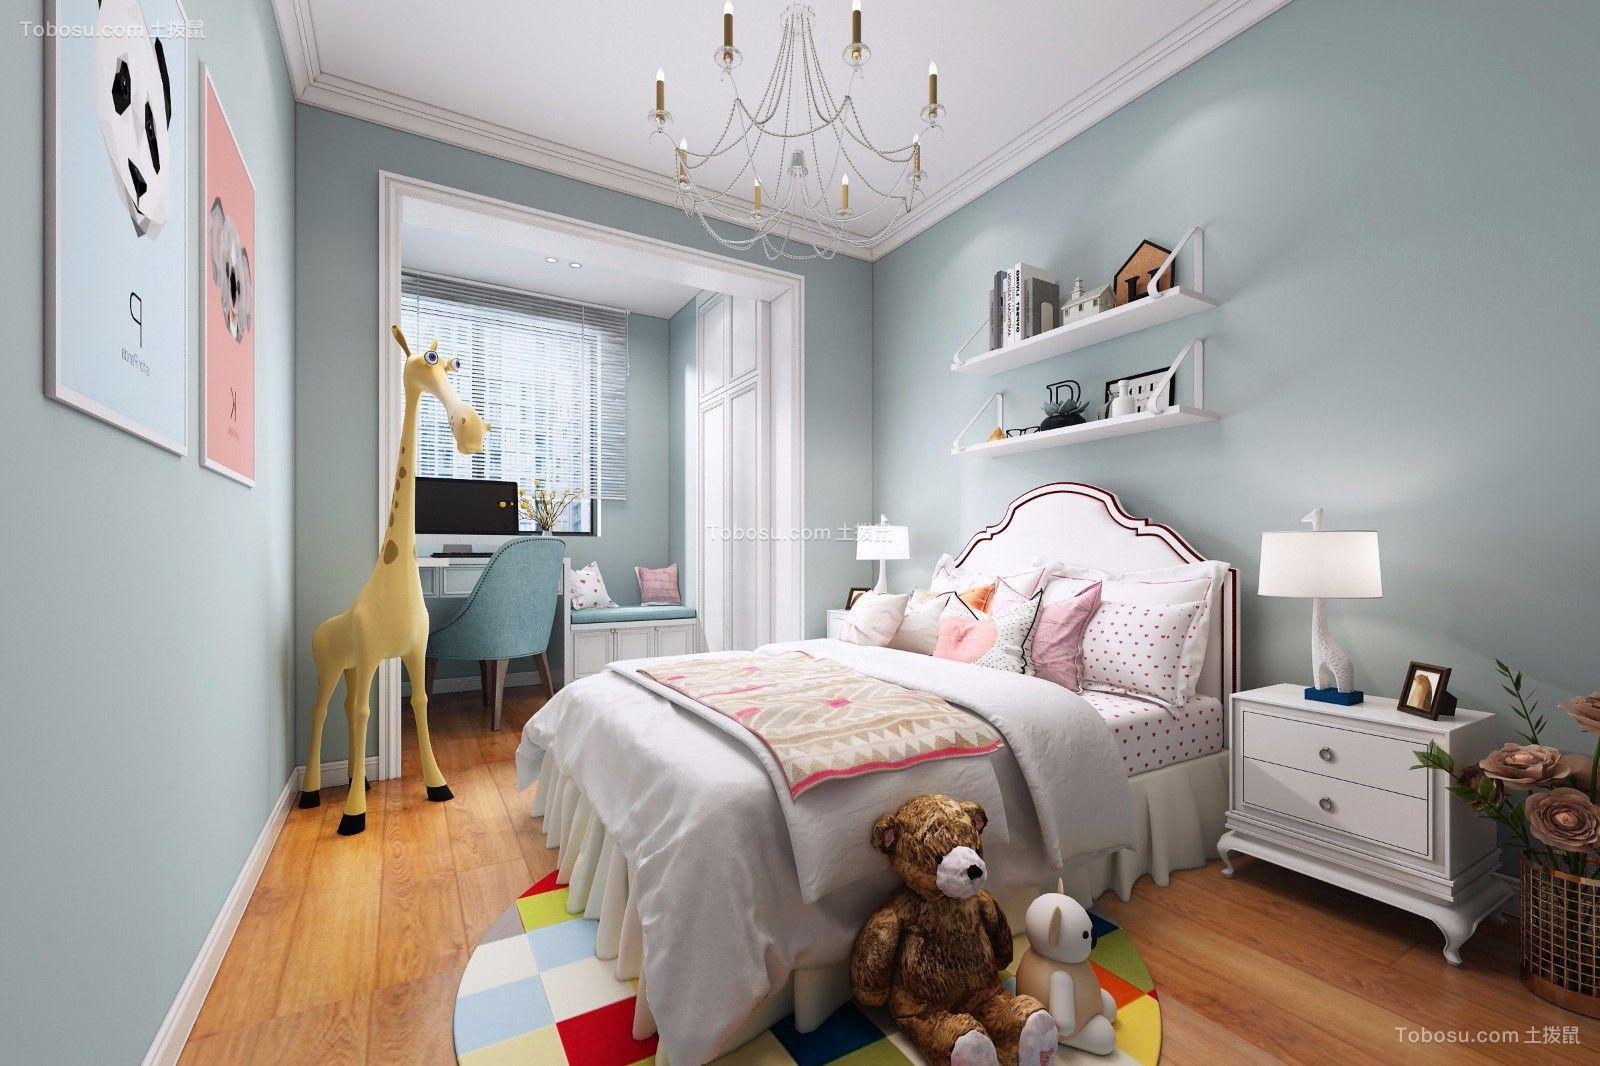 2020简欧儿童房装饰设计 2020简欧床效果图